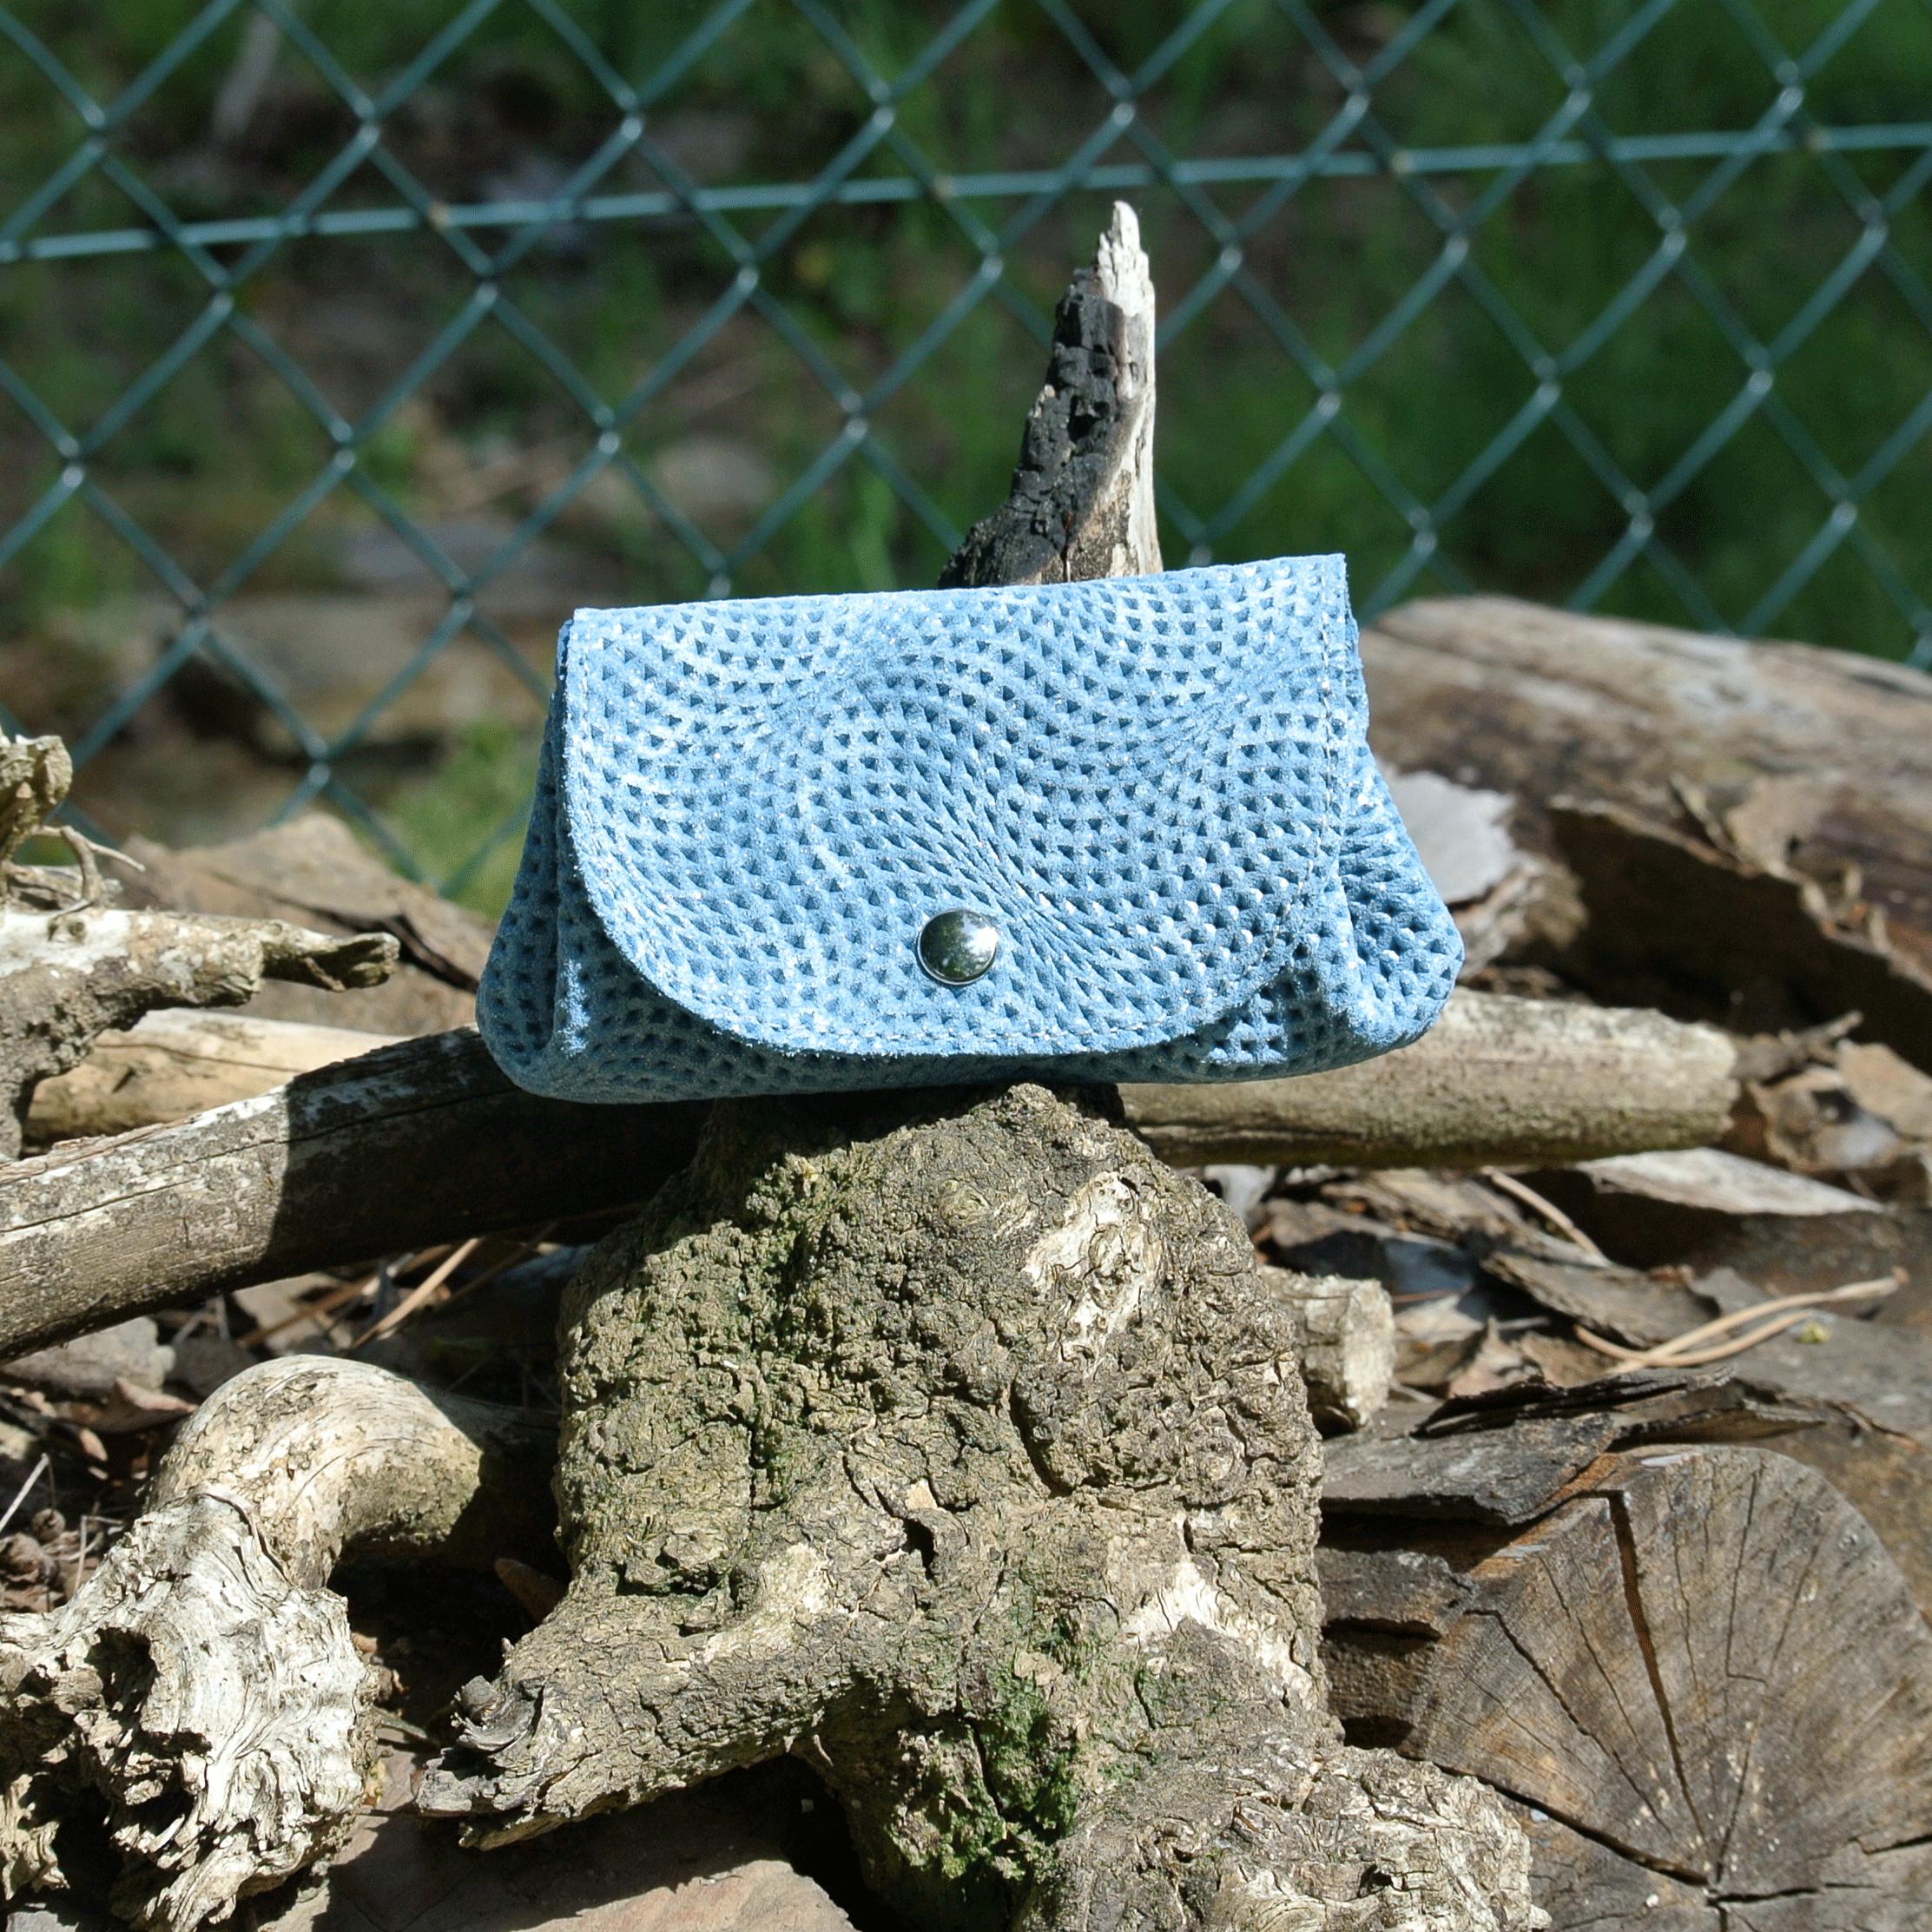 cuirs-fantaisies-la-cartabliere-fabrique-en-france-porte-monnaie-accordeon-en-cuir-vague-bleu-sarcelle